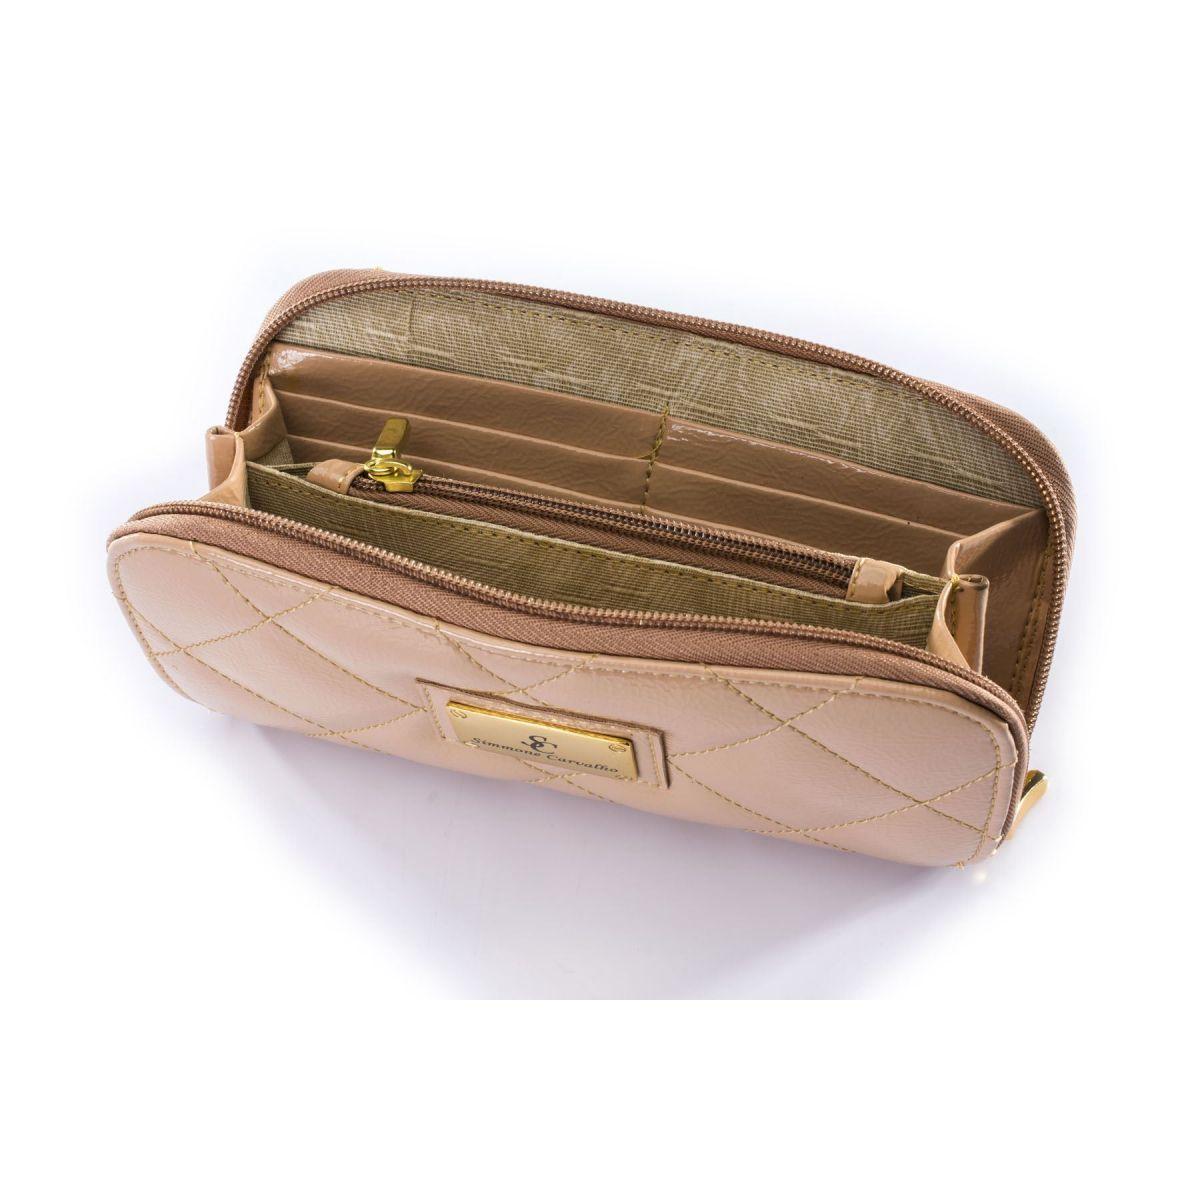 Bag Beladona Simmone Carvalho - SCb0014N